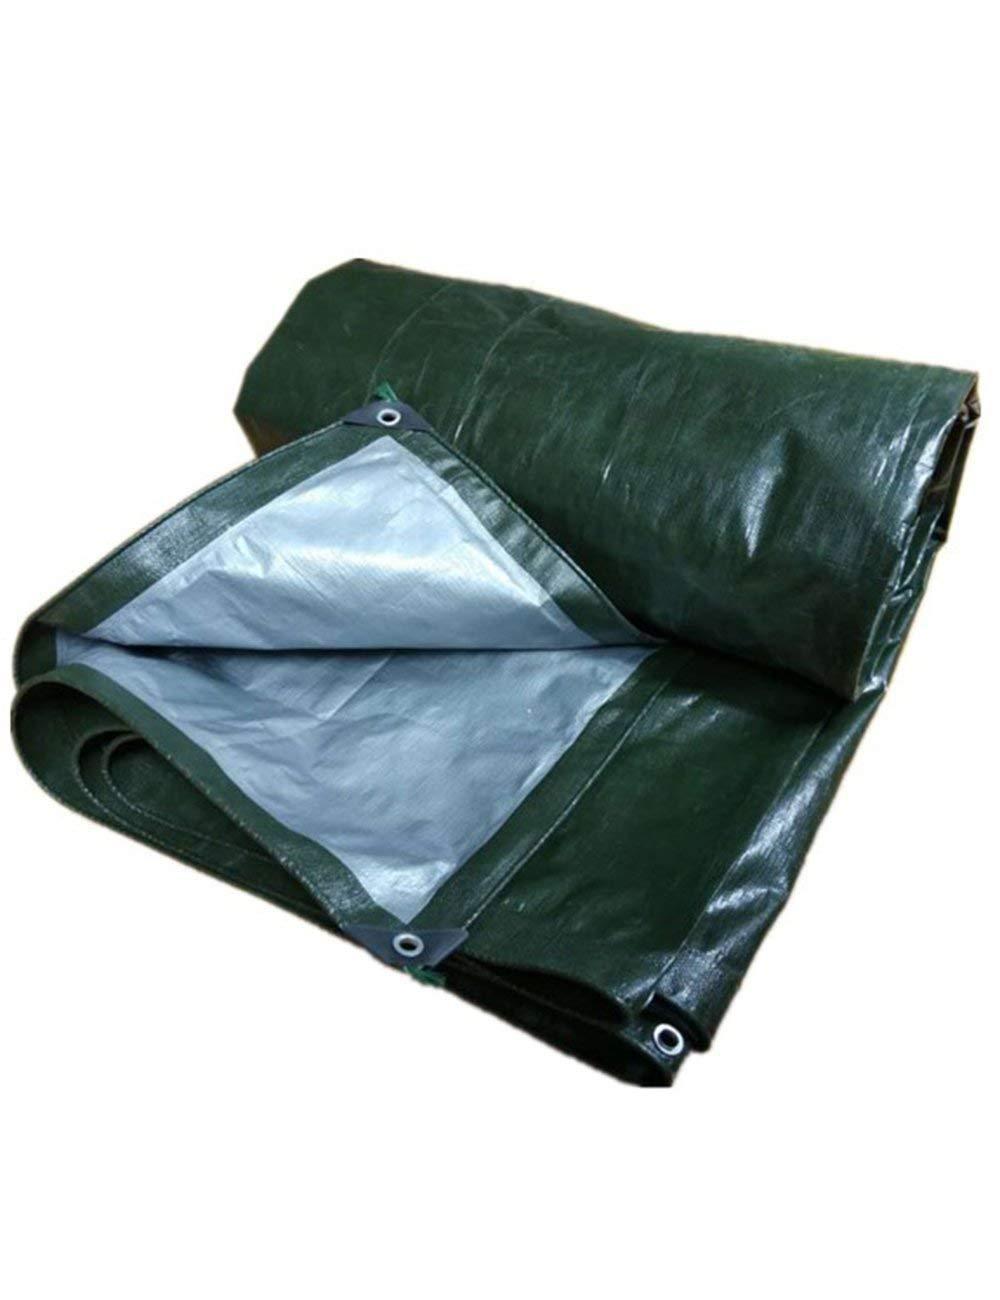 Dunkelgrünes Wasserdichtes Freien Planen-Zelt-kampierendes Segeltuch-Tarp-Überdachungs-LKW im Freien Wasserdichtes fa108f